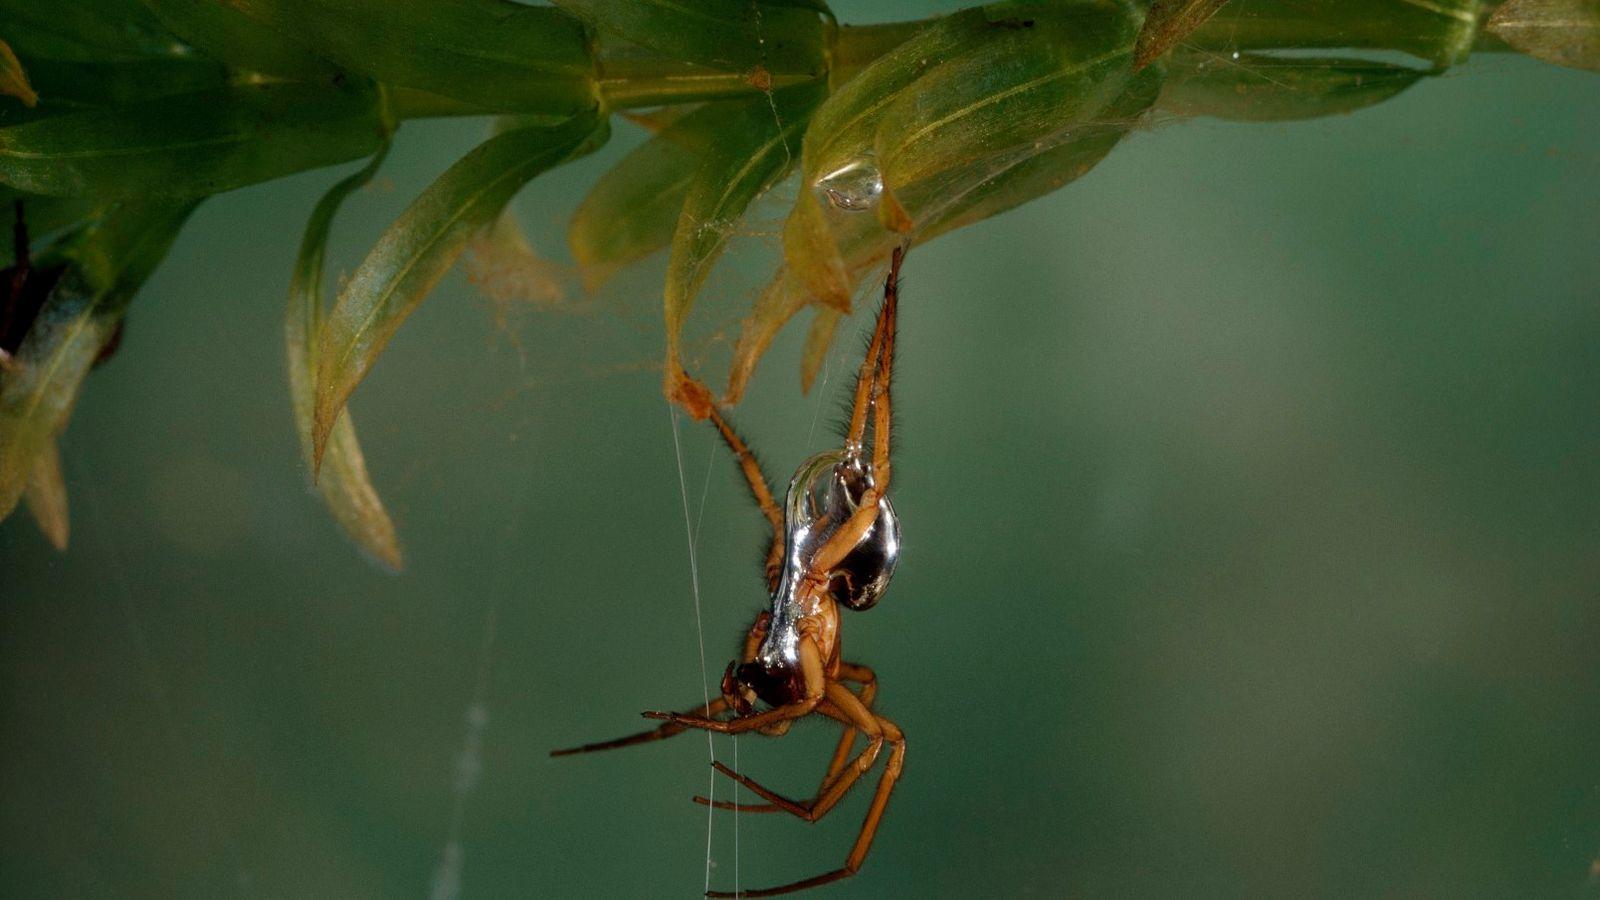 Argyroneta aquatica, conhecida popularmente por aranha-de-água, na sua teia subaquática.